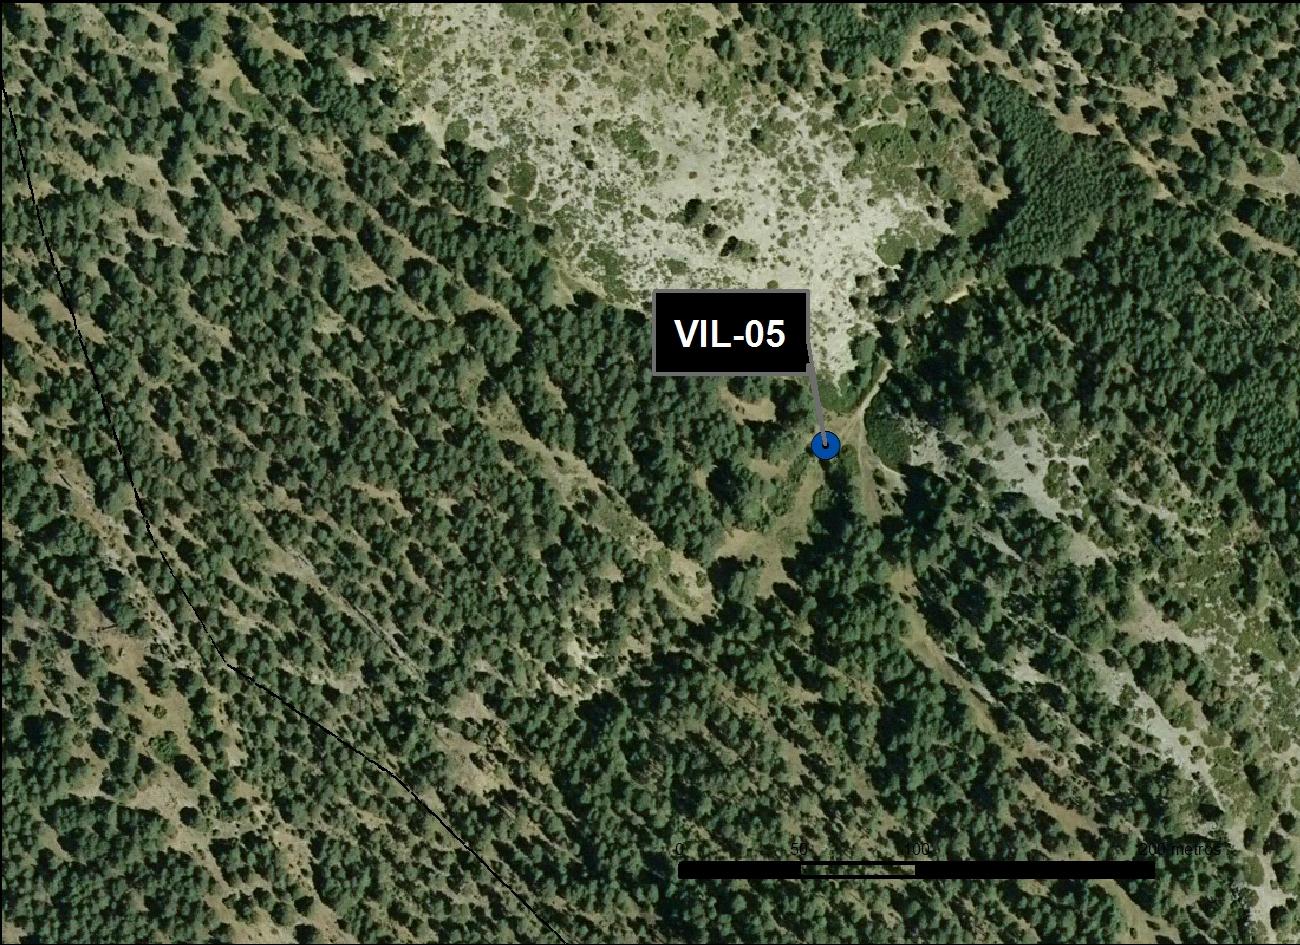 VIL_05_M.V.LOZANO_JUAN RUBIO_ORTO 1